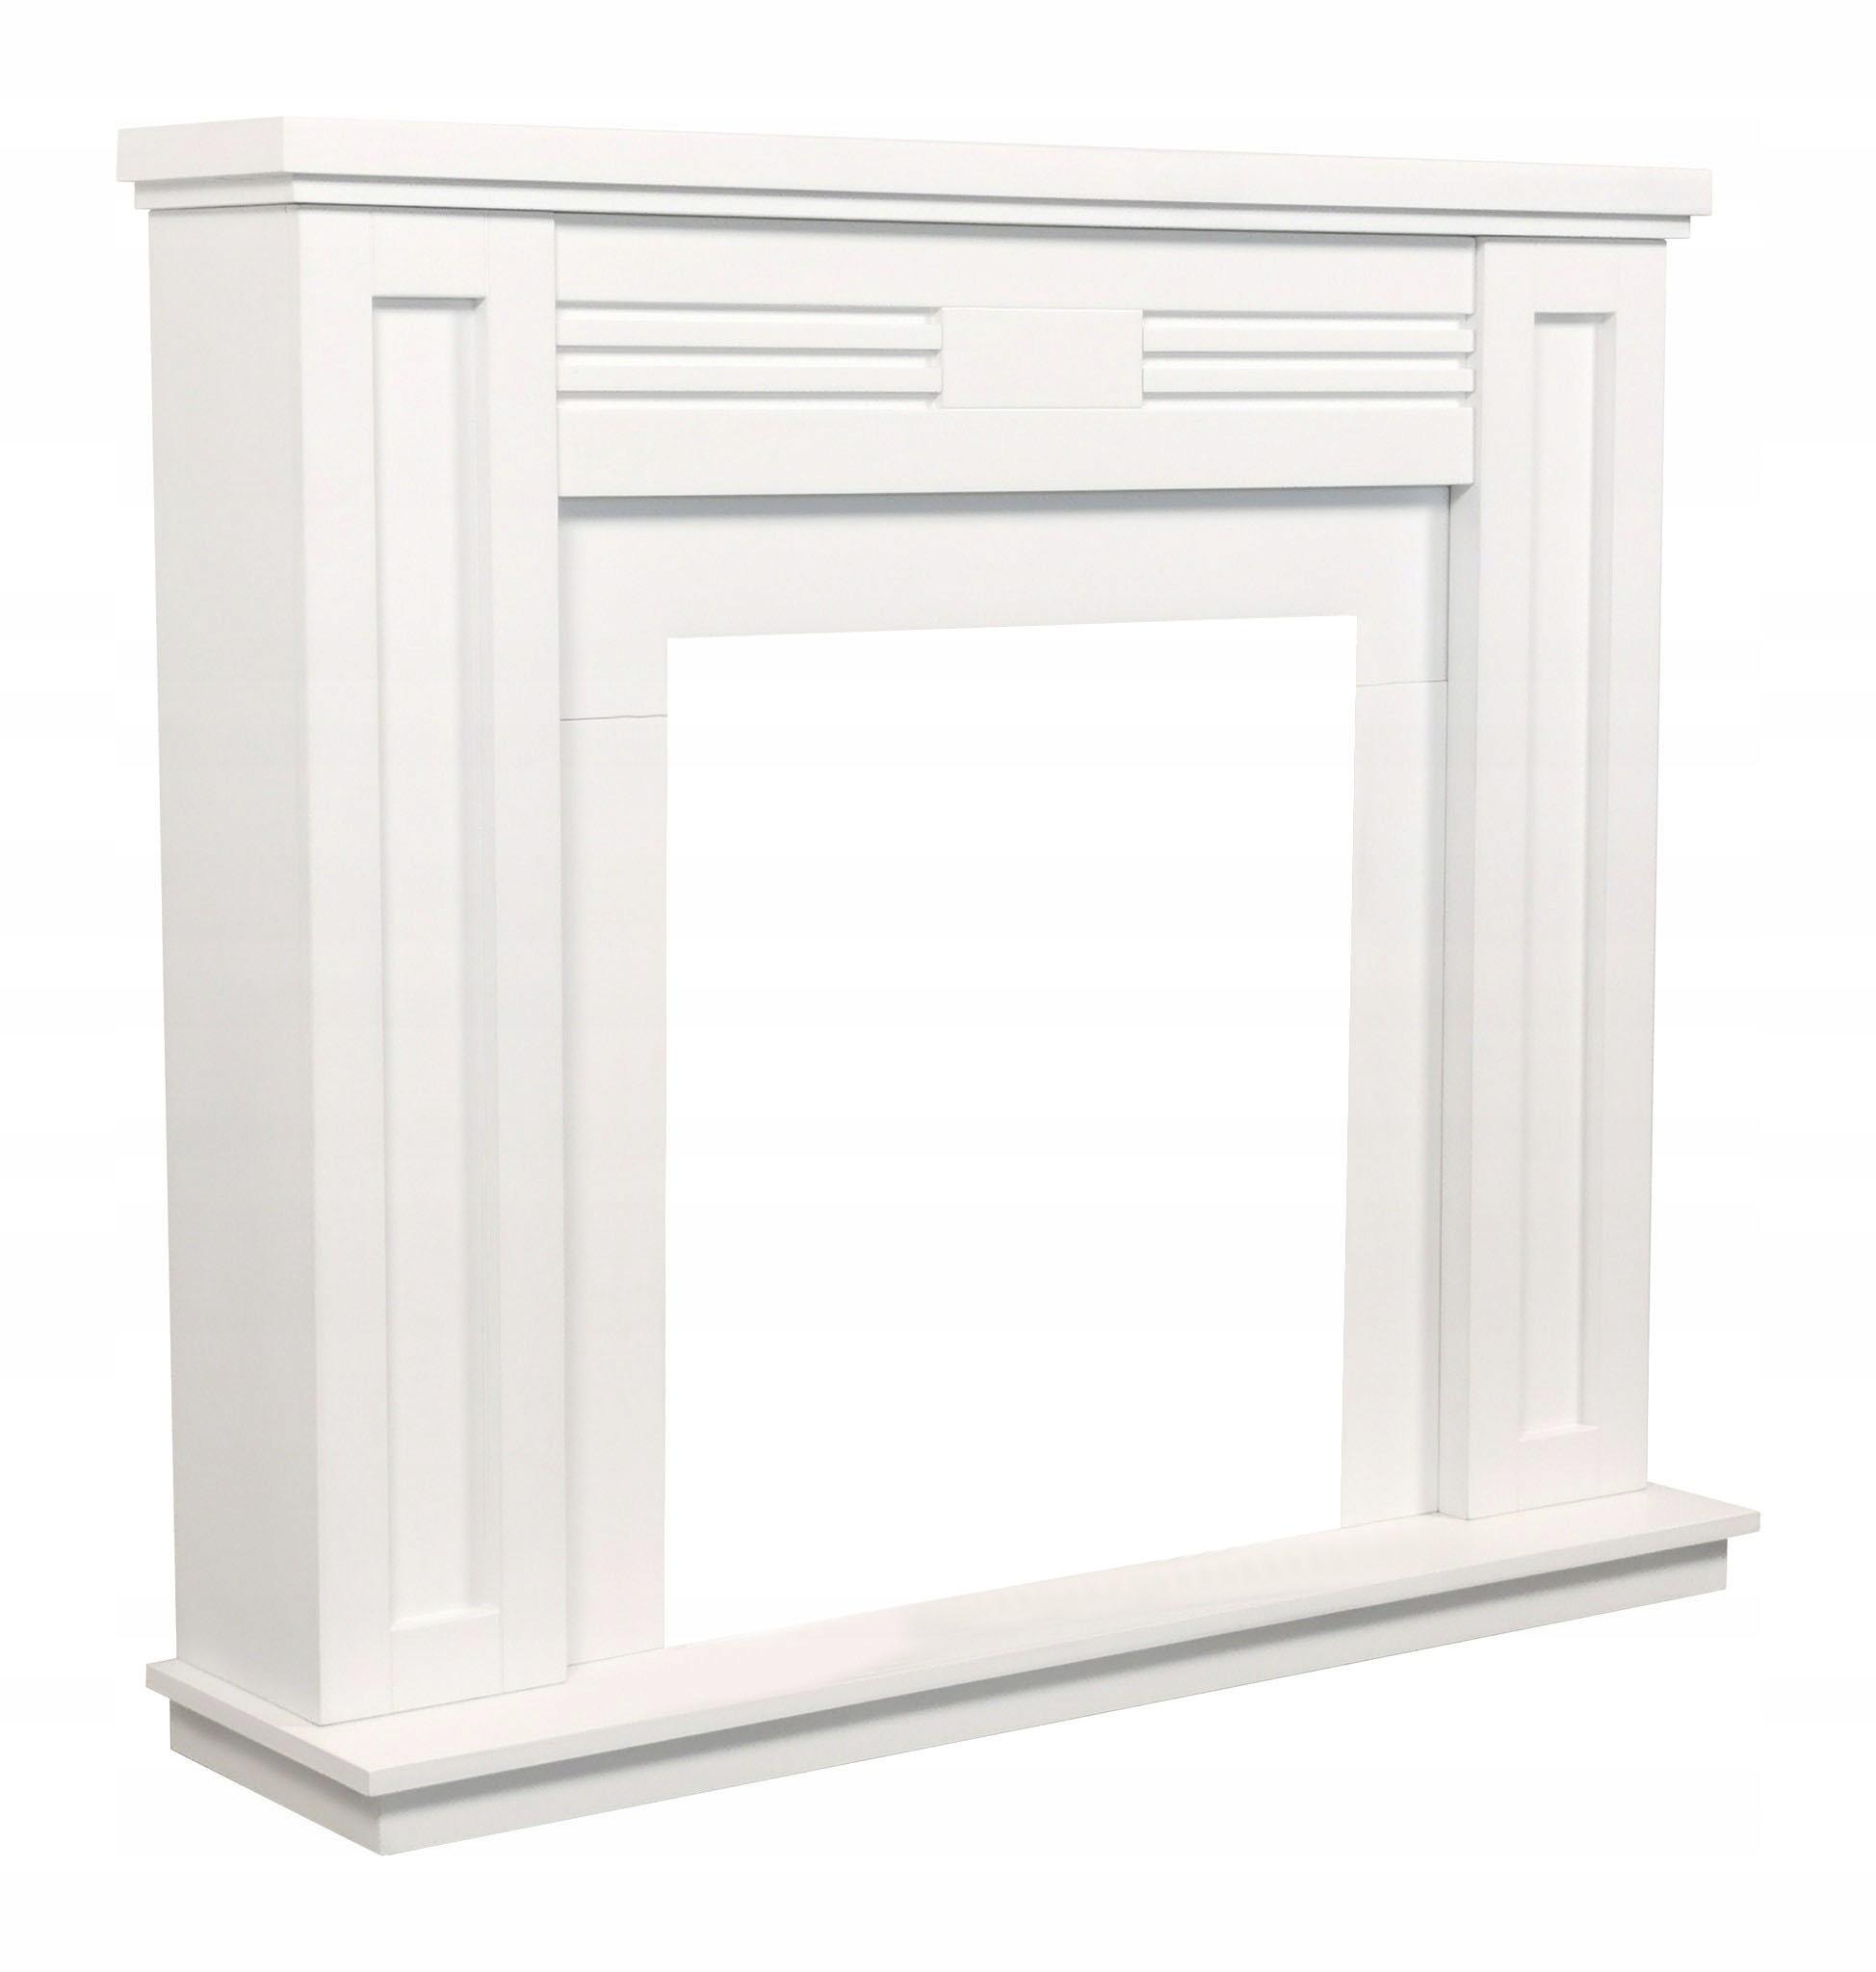 Деревянный камин жилья Белый! Стильный!